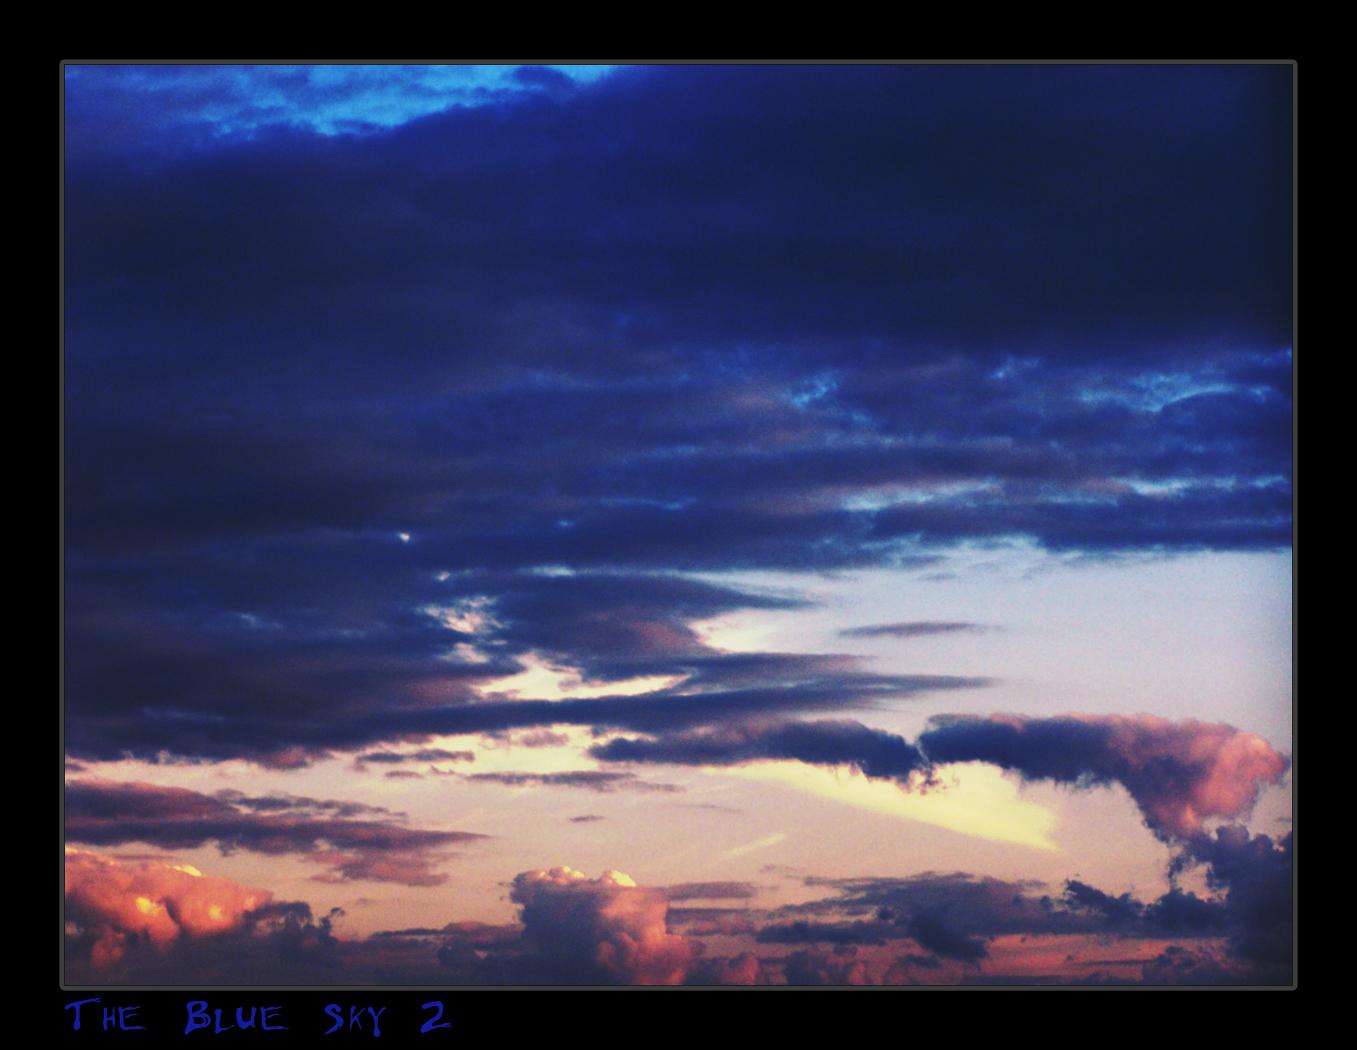 The Blue Sky 2